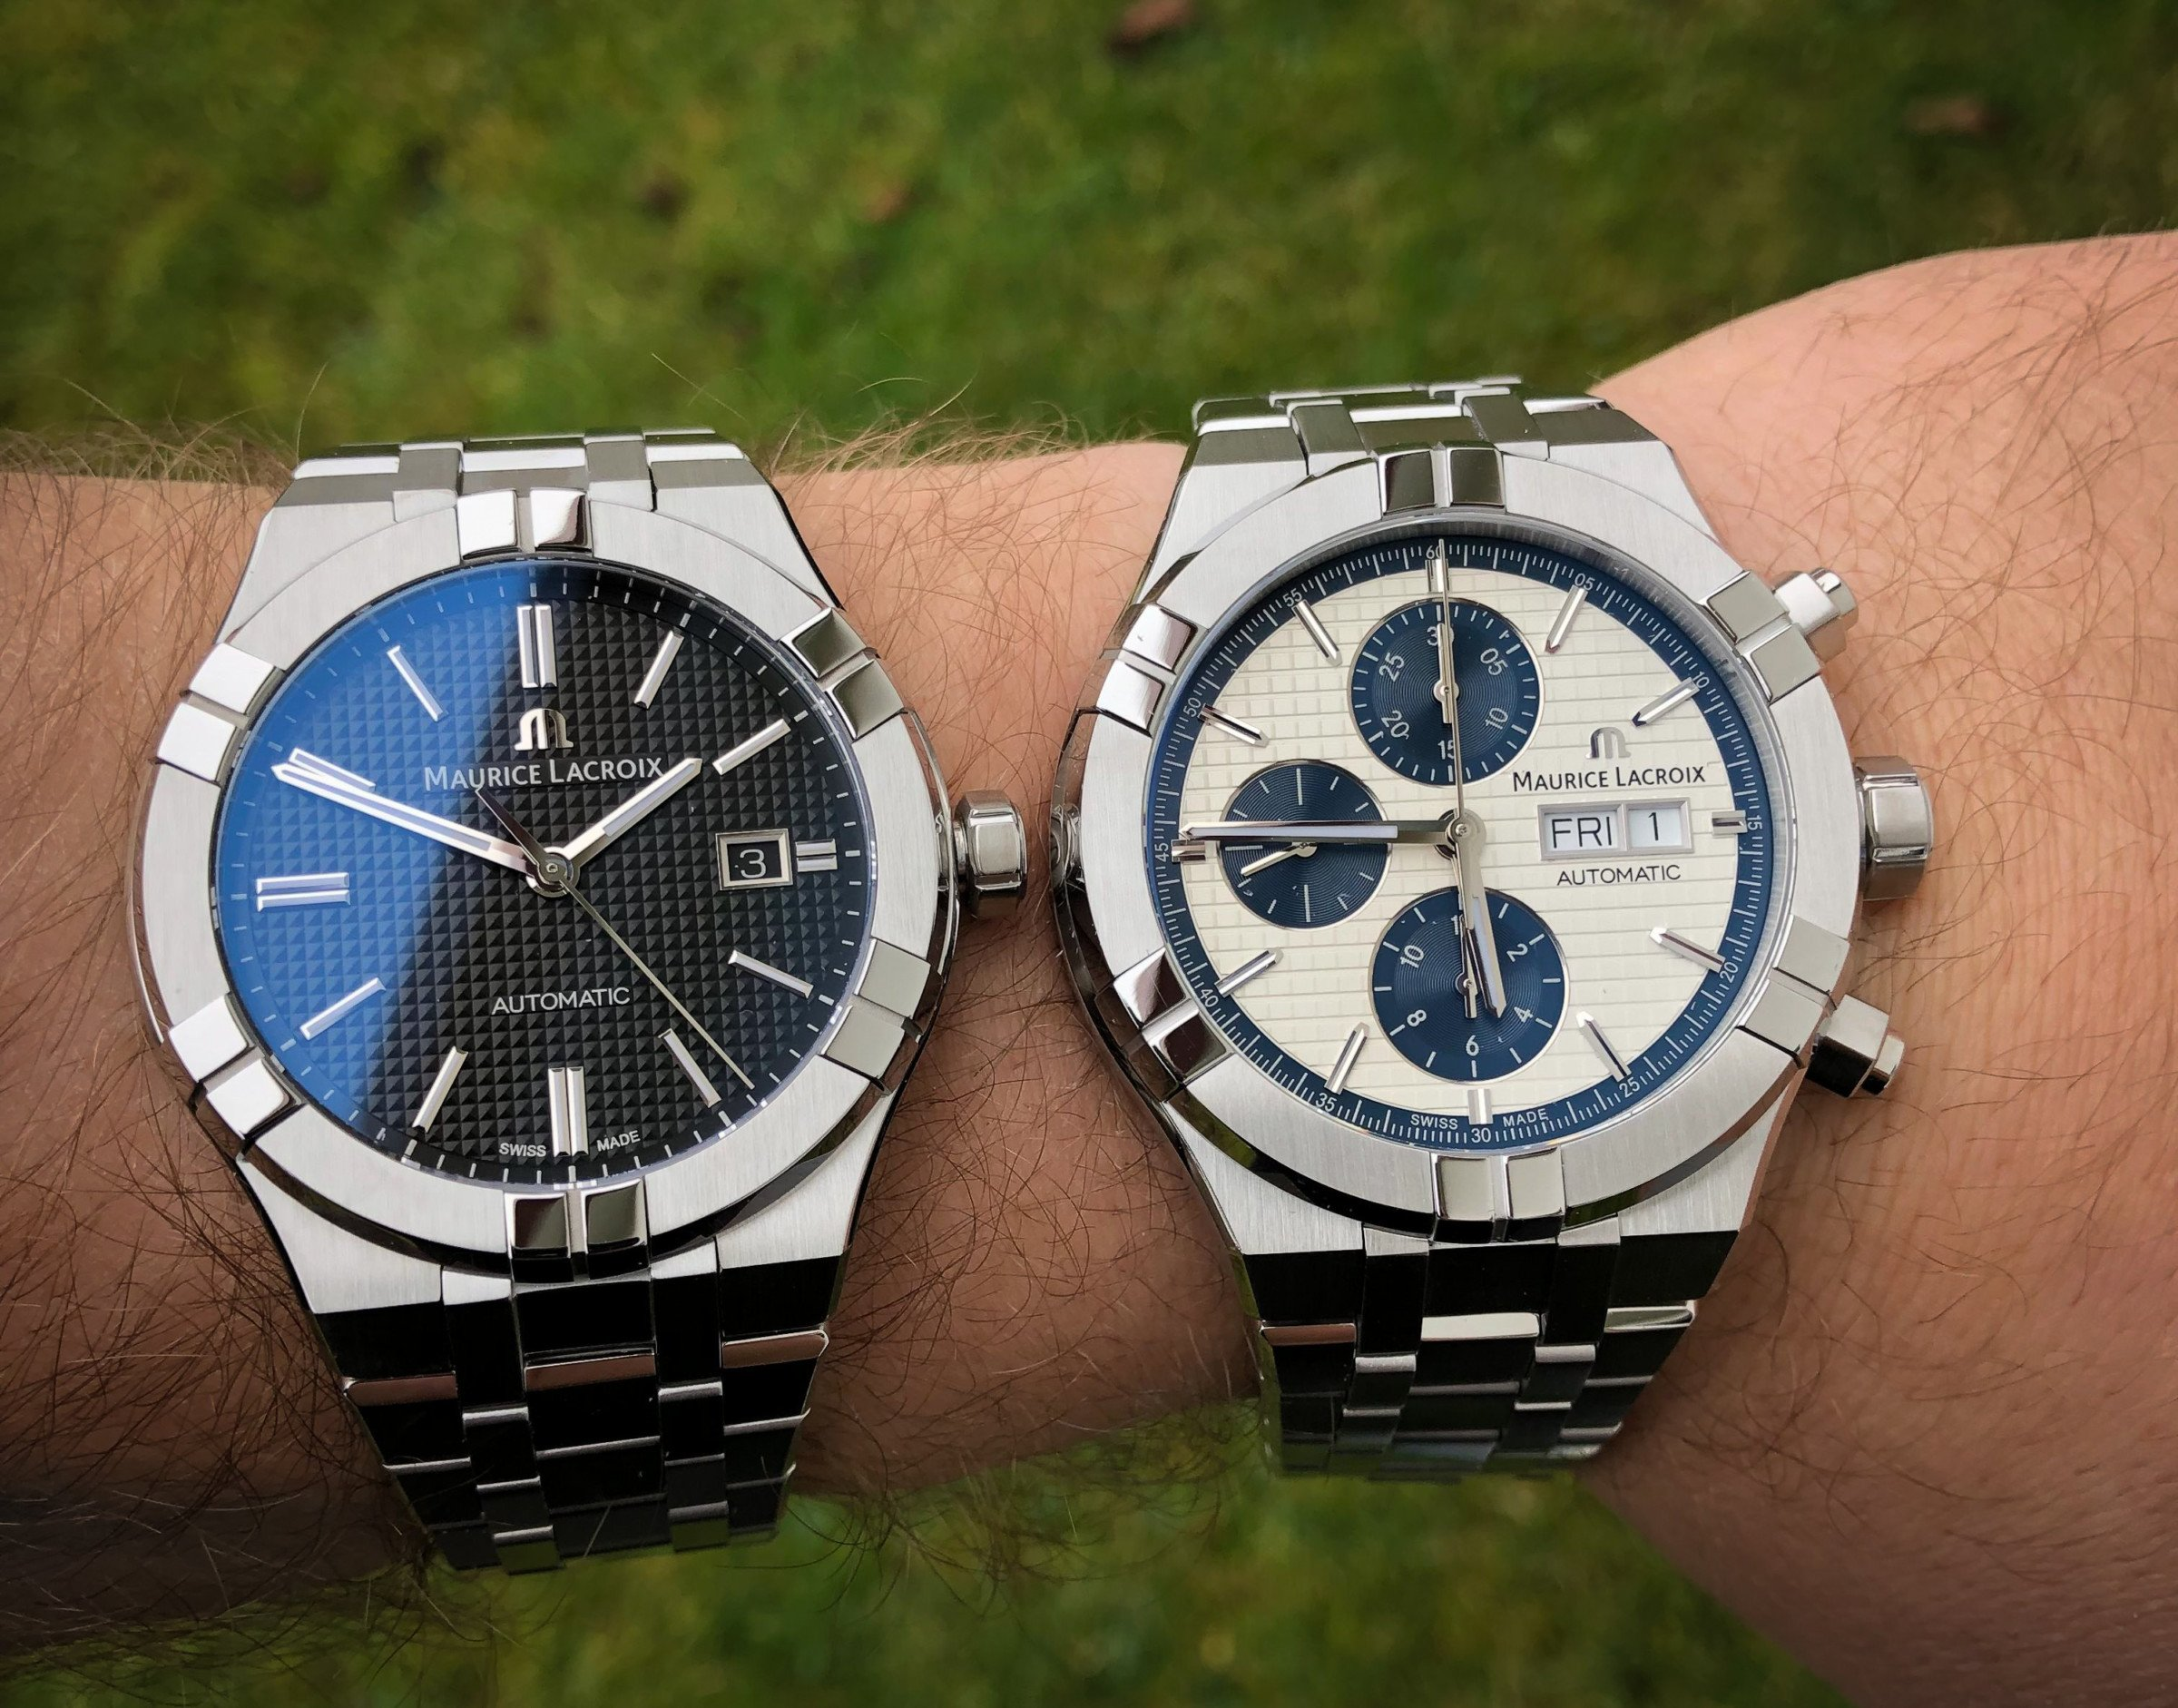 Maurice Lacroix Aikon Chronograph vs. Dreizeiger Test